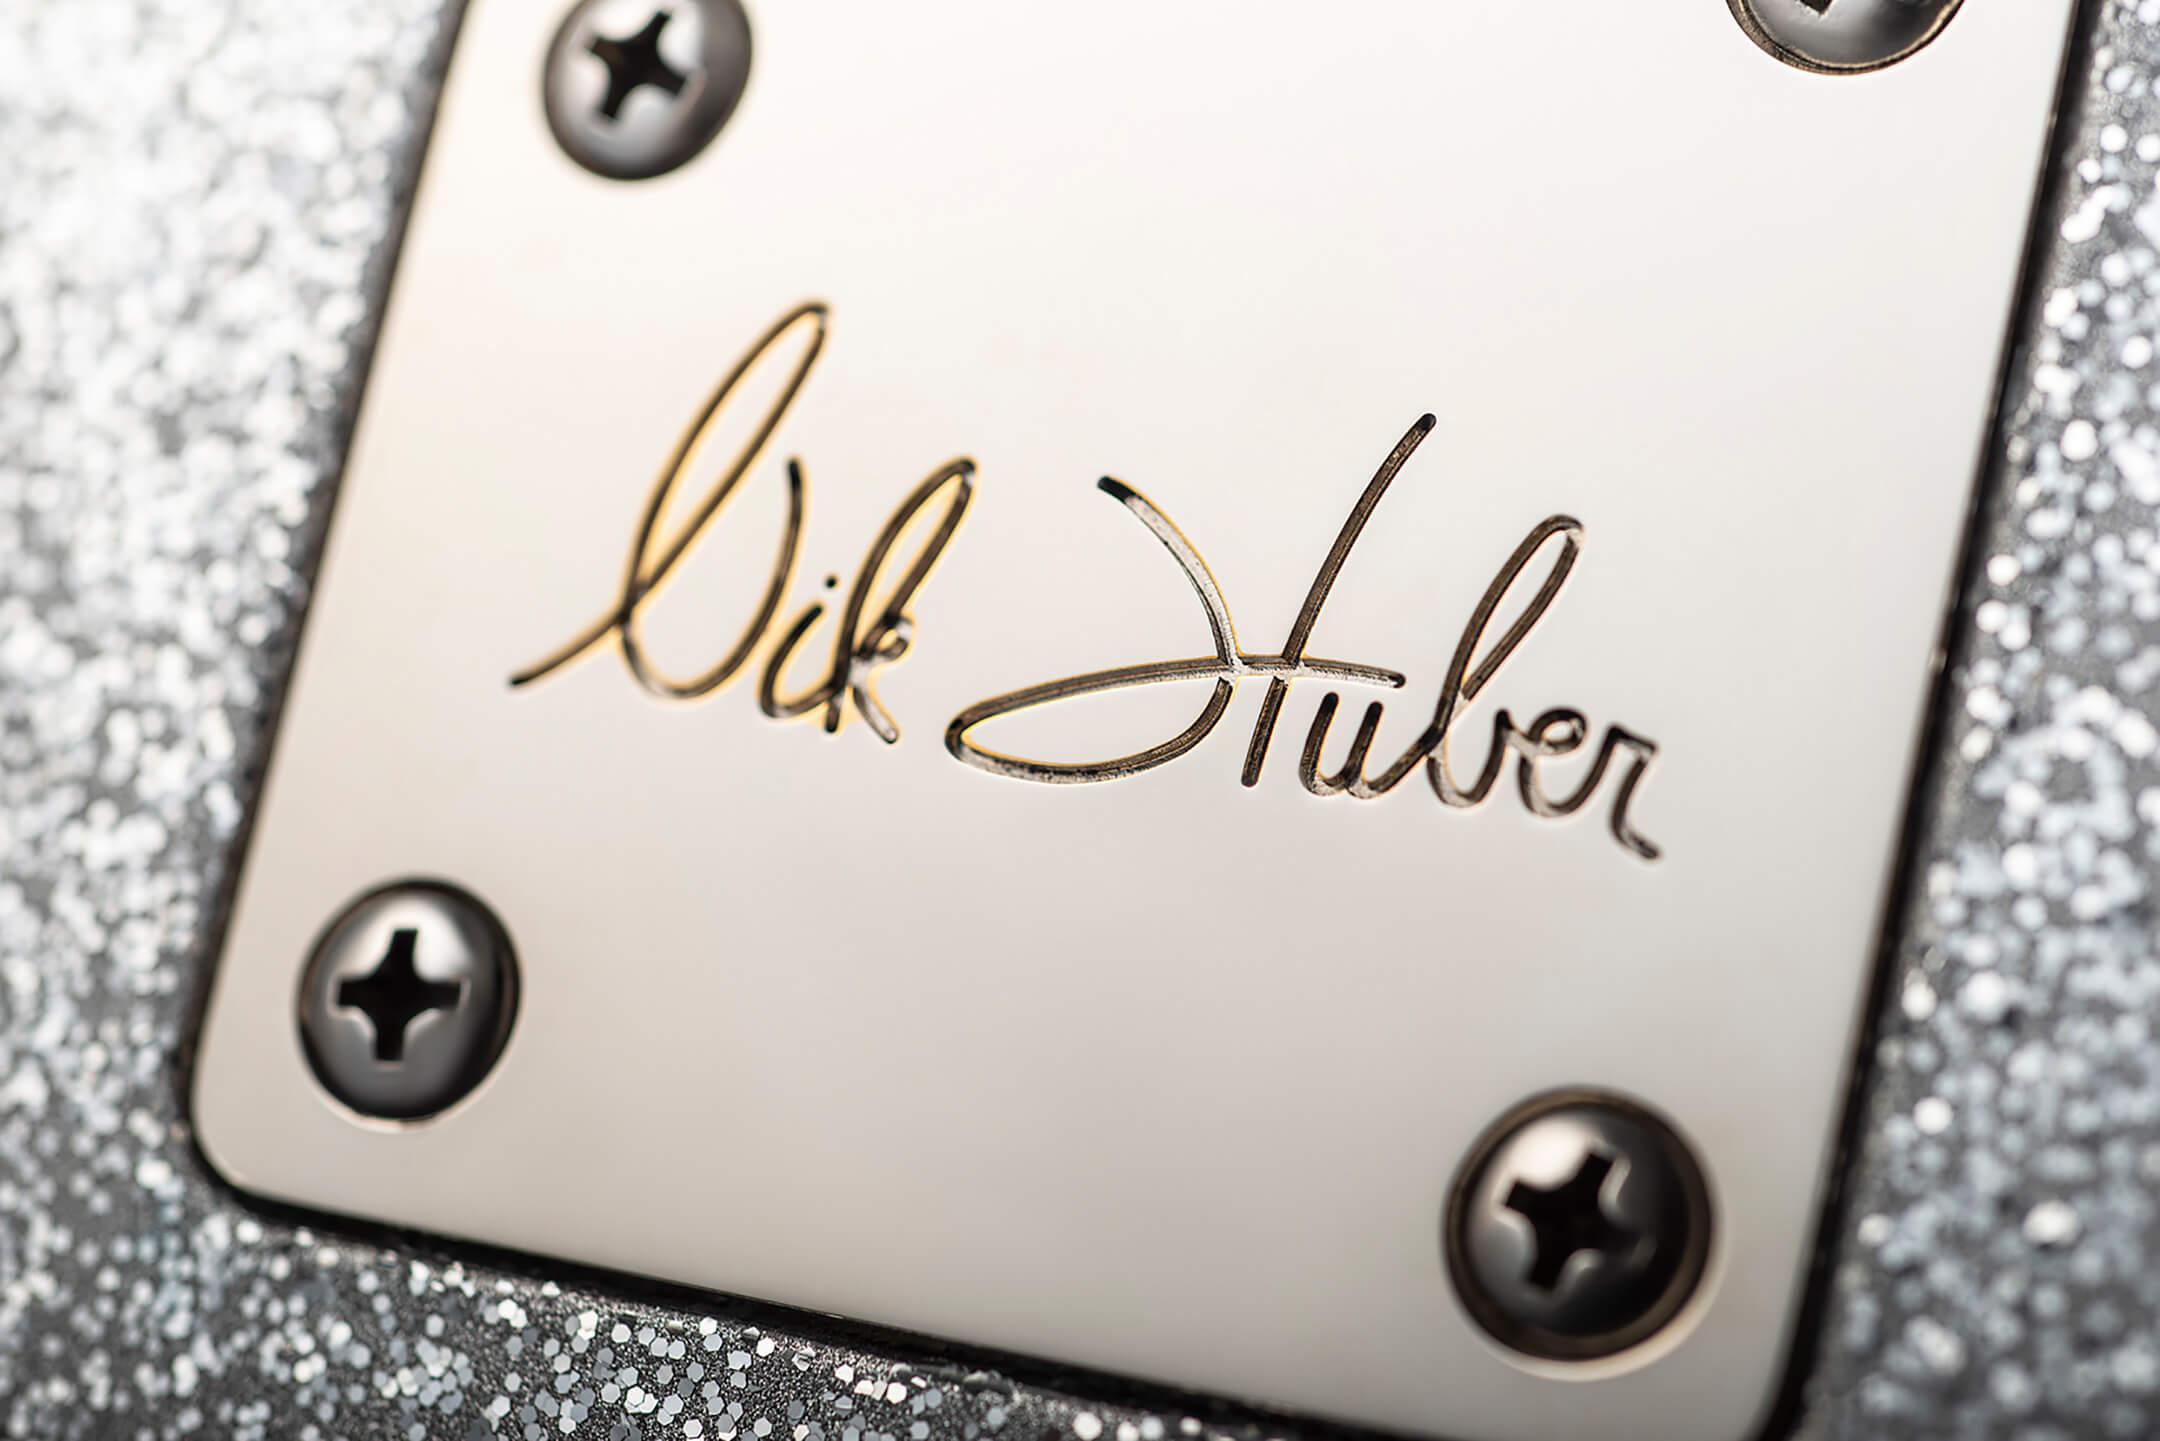 Nik Huber Piet Logo